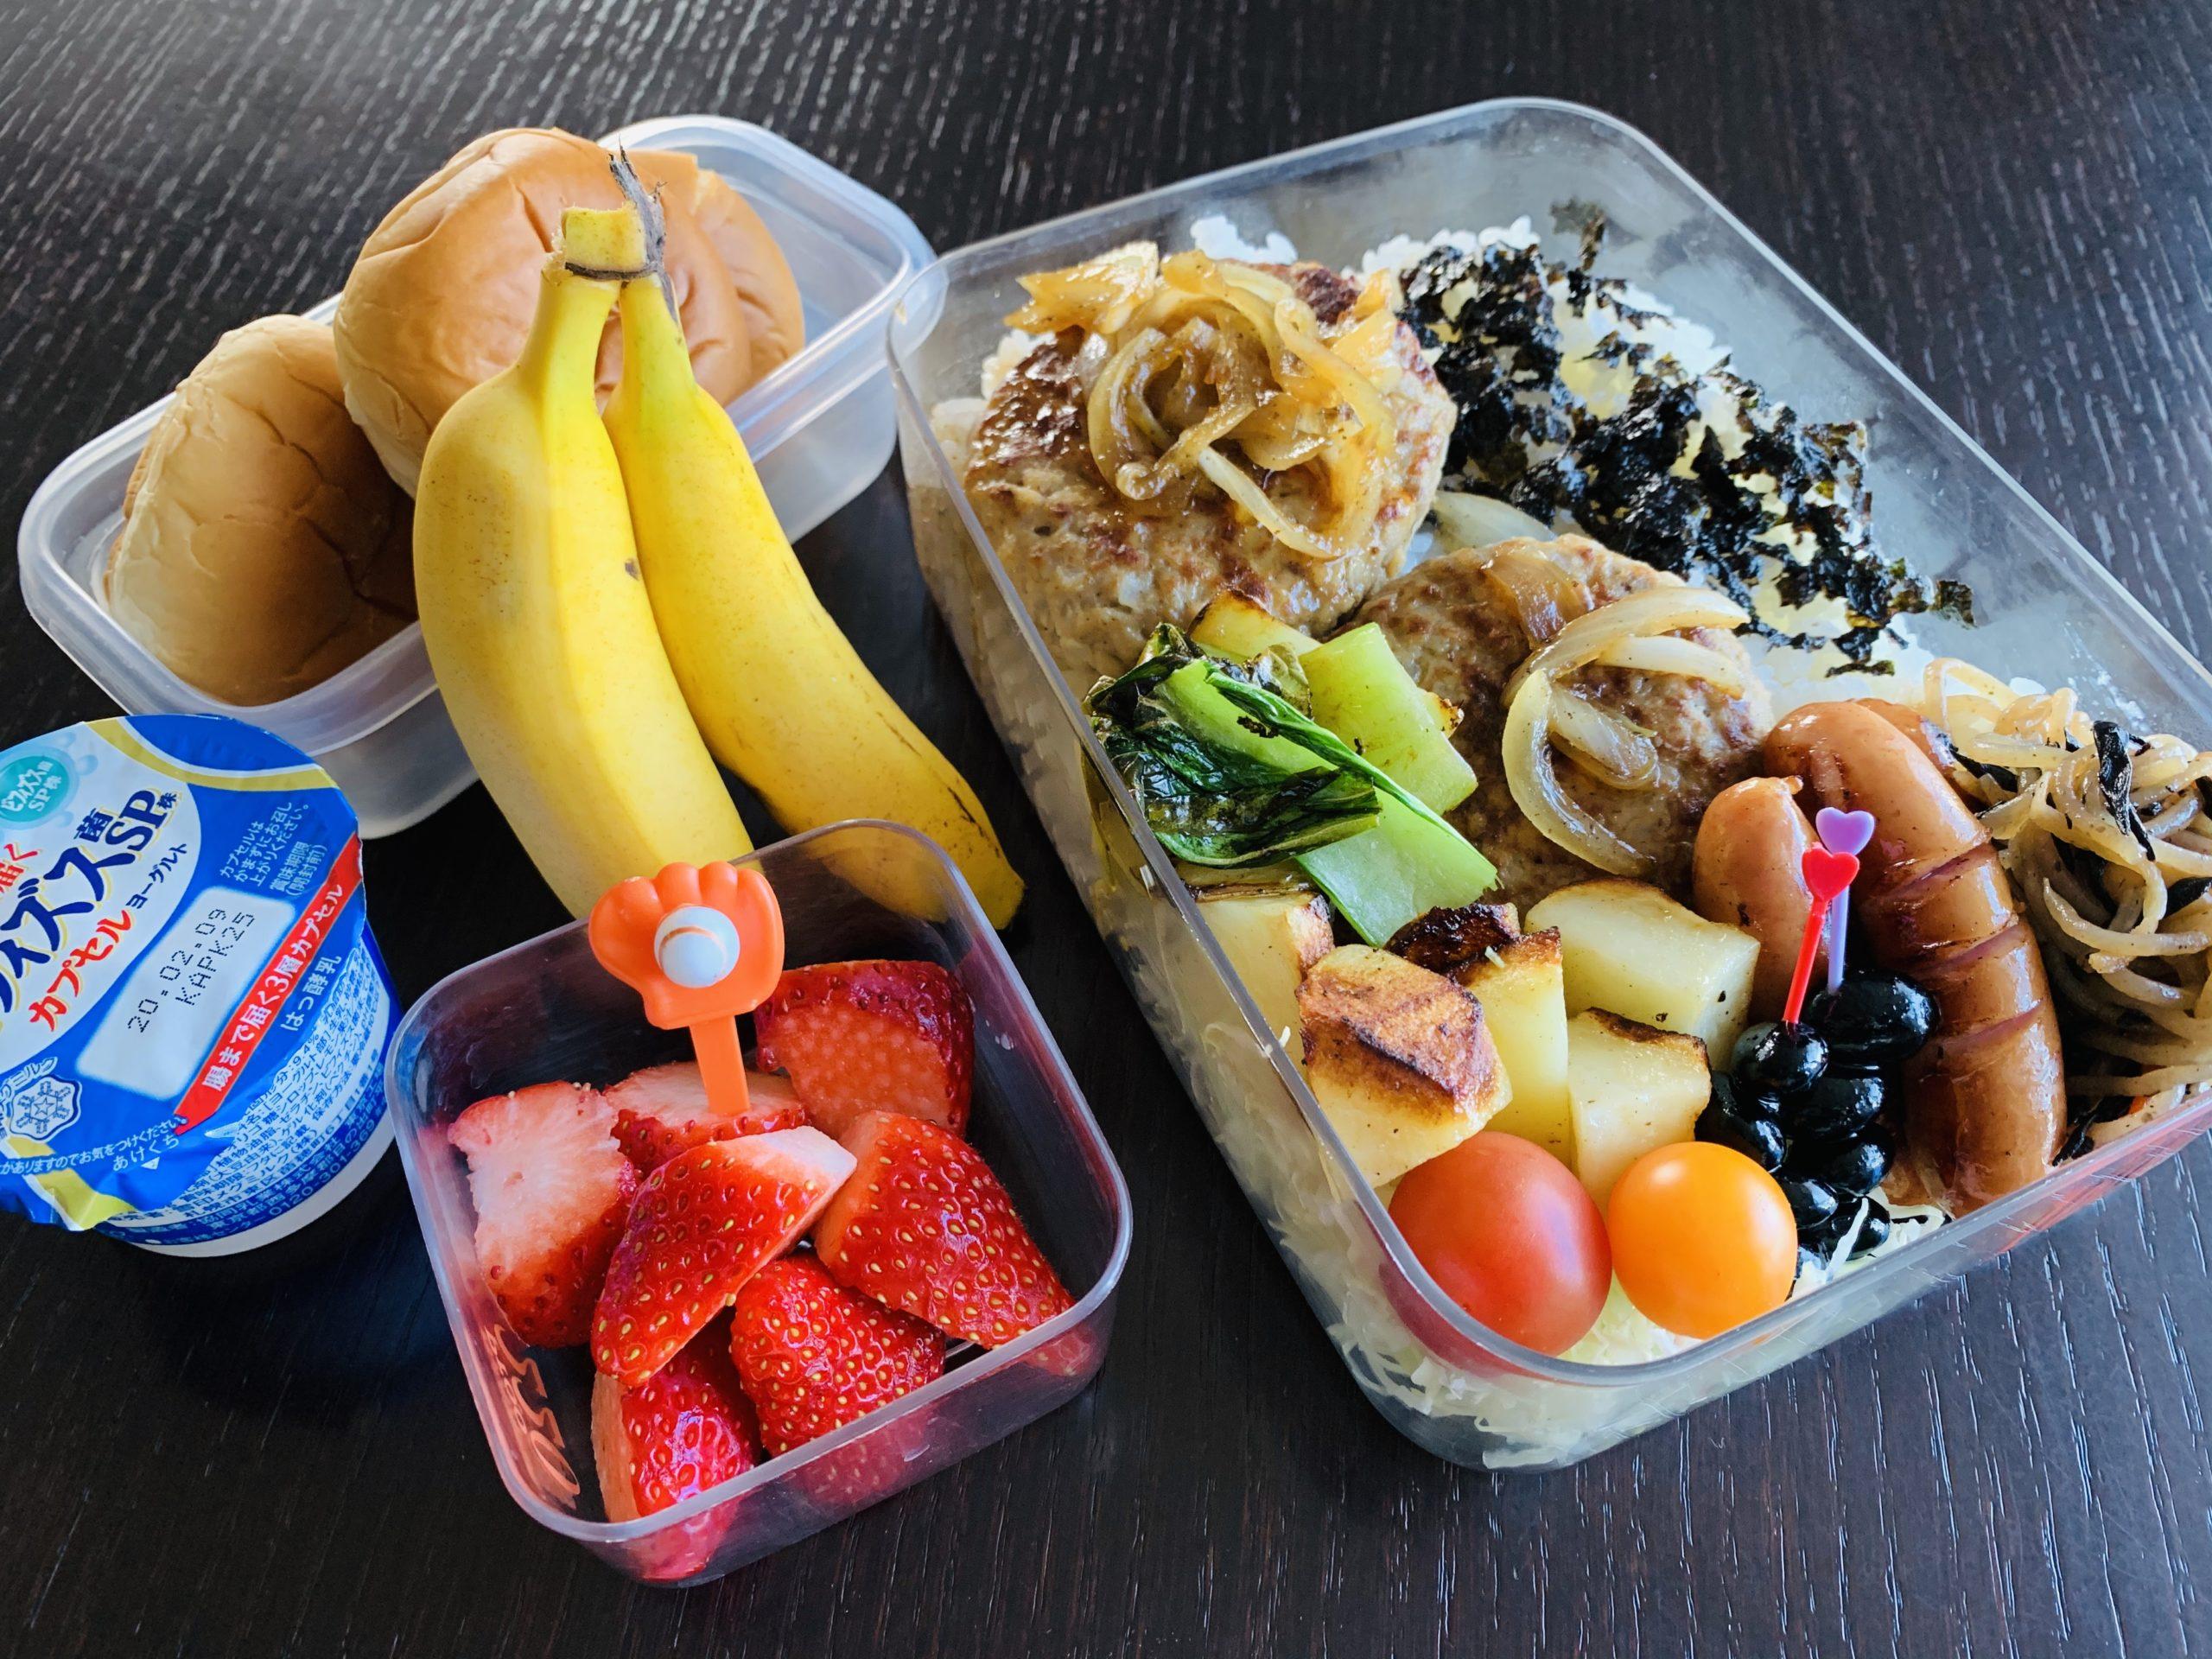 「忙しい朝でも簡単ボリューム栄養満点弁当」【連載企画】今江サチコさんの今月のアスリート弁当(2月)